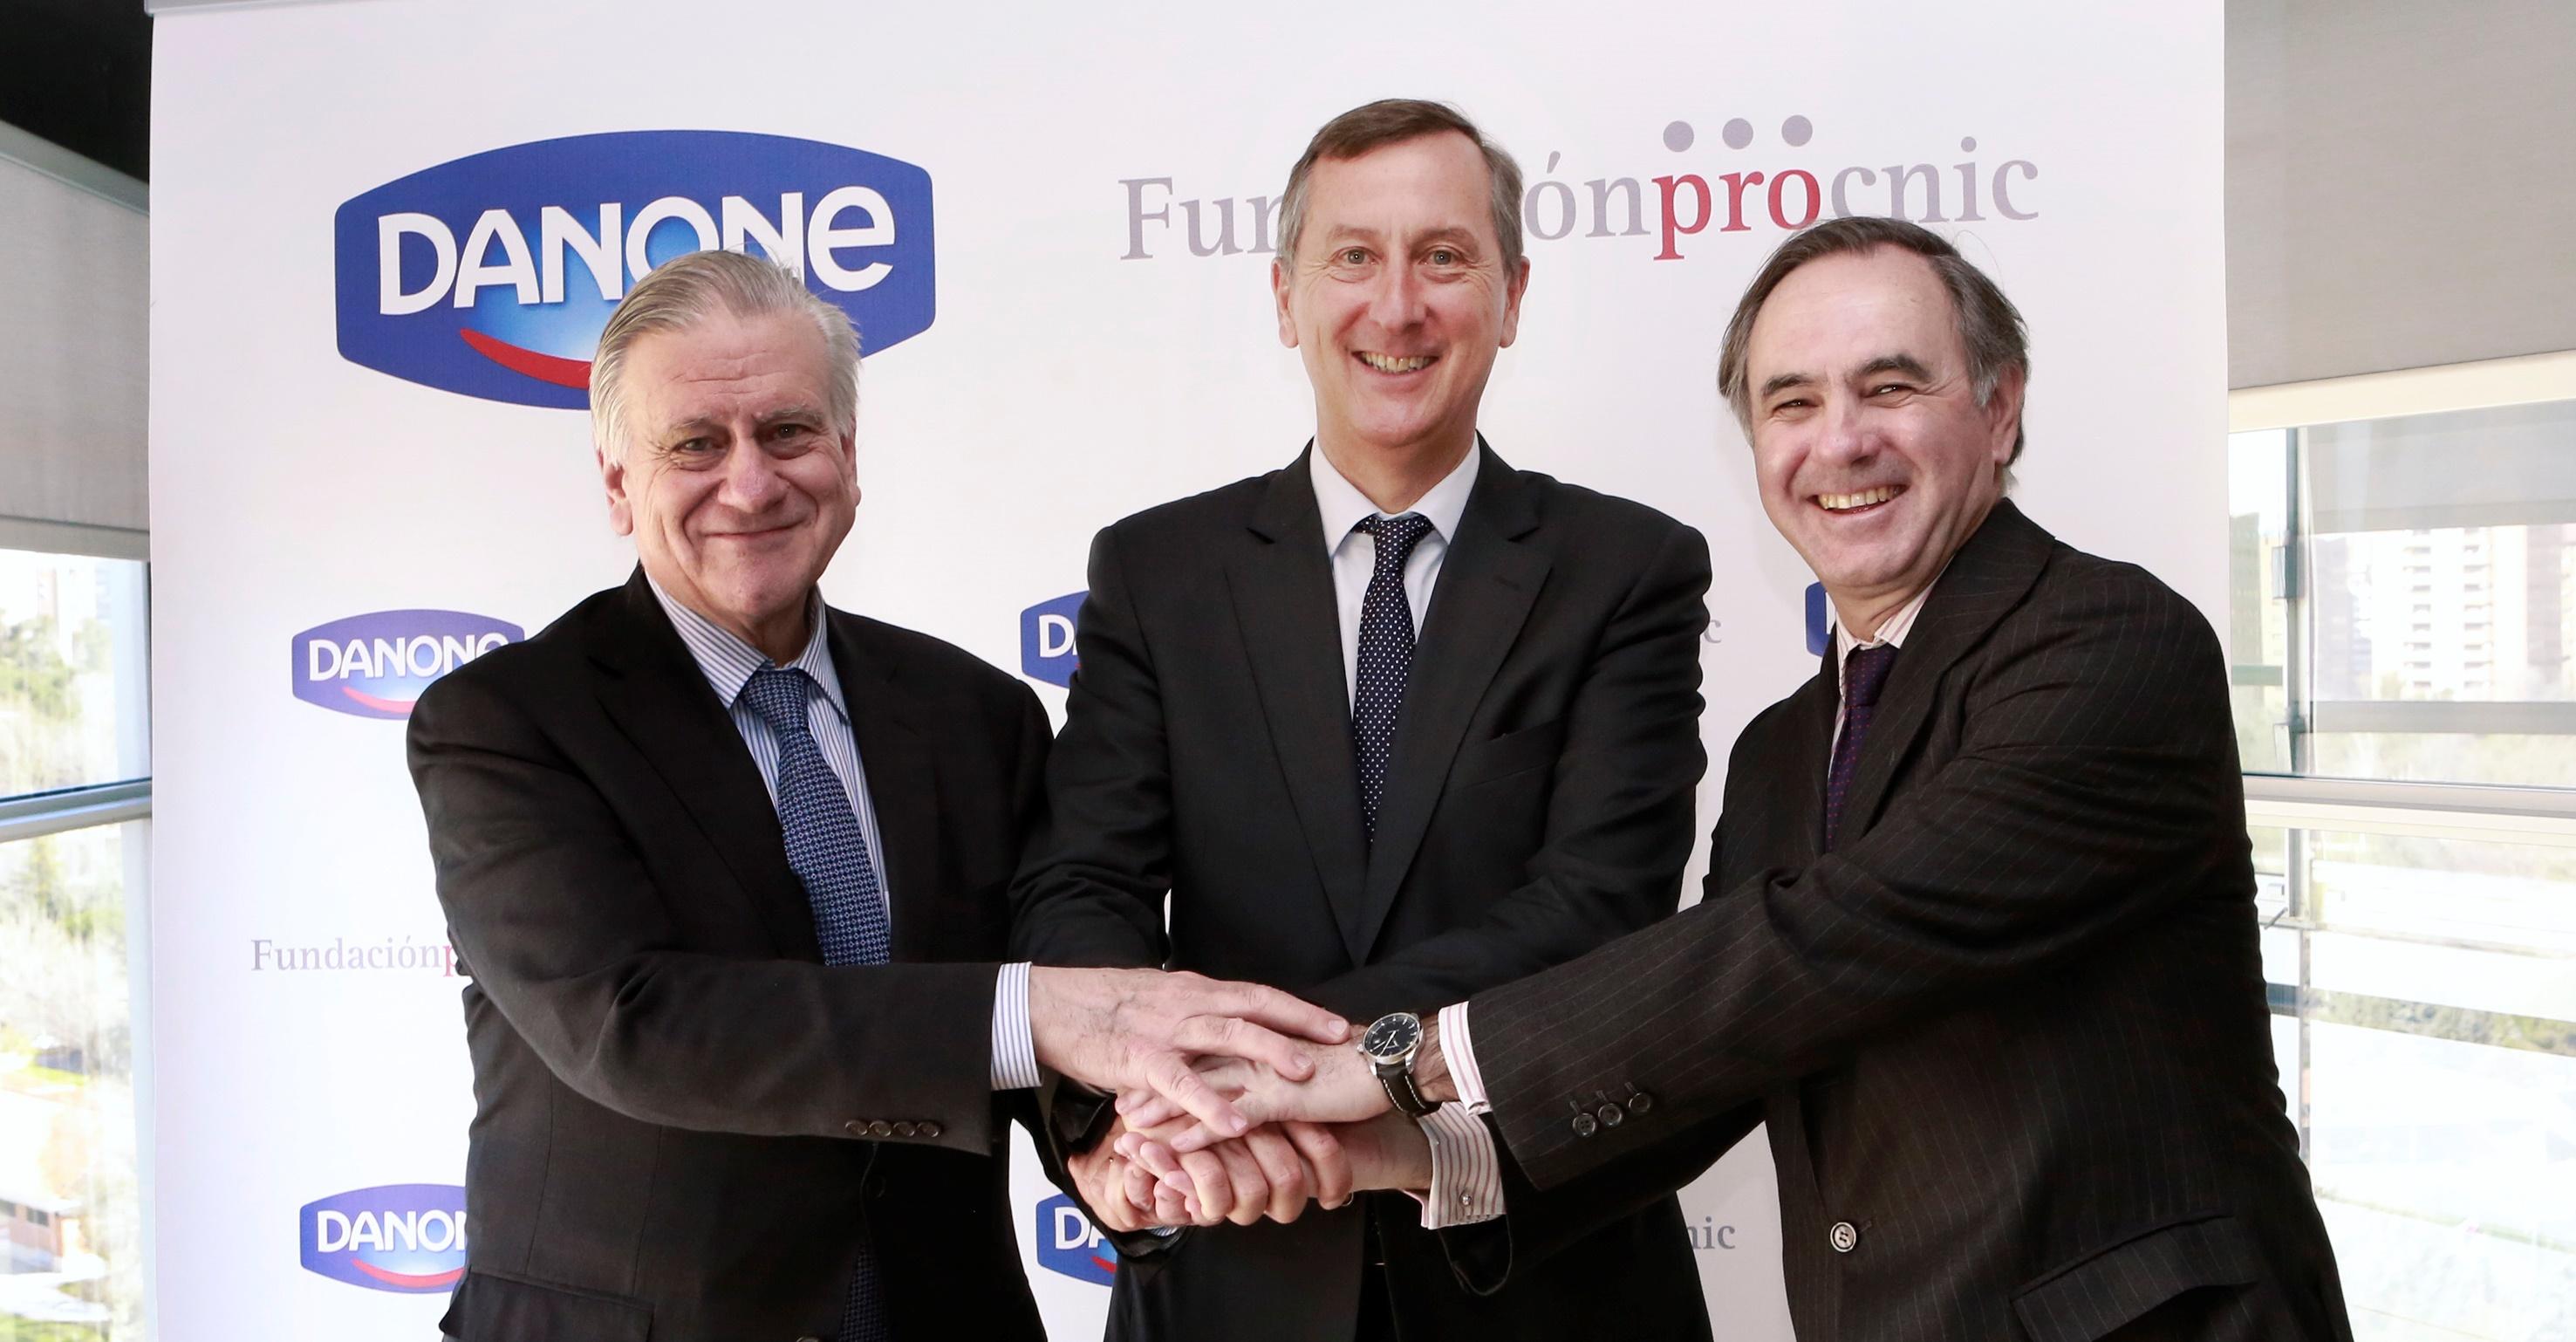 Valentín Fuster, Director del CNIC, Jerome Boesch, Presidente y Consejero Delegado de Danone S.A., y Luis de Carlos, Presidente de la Fundación Pro CNIC